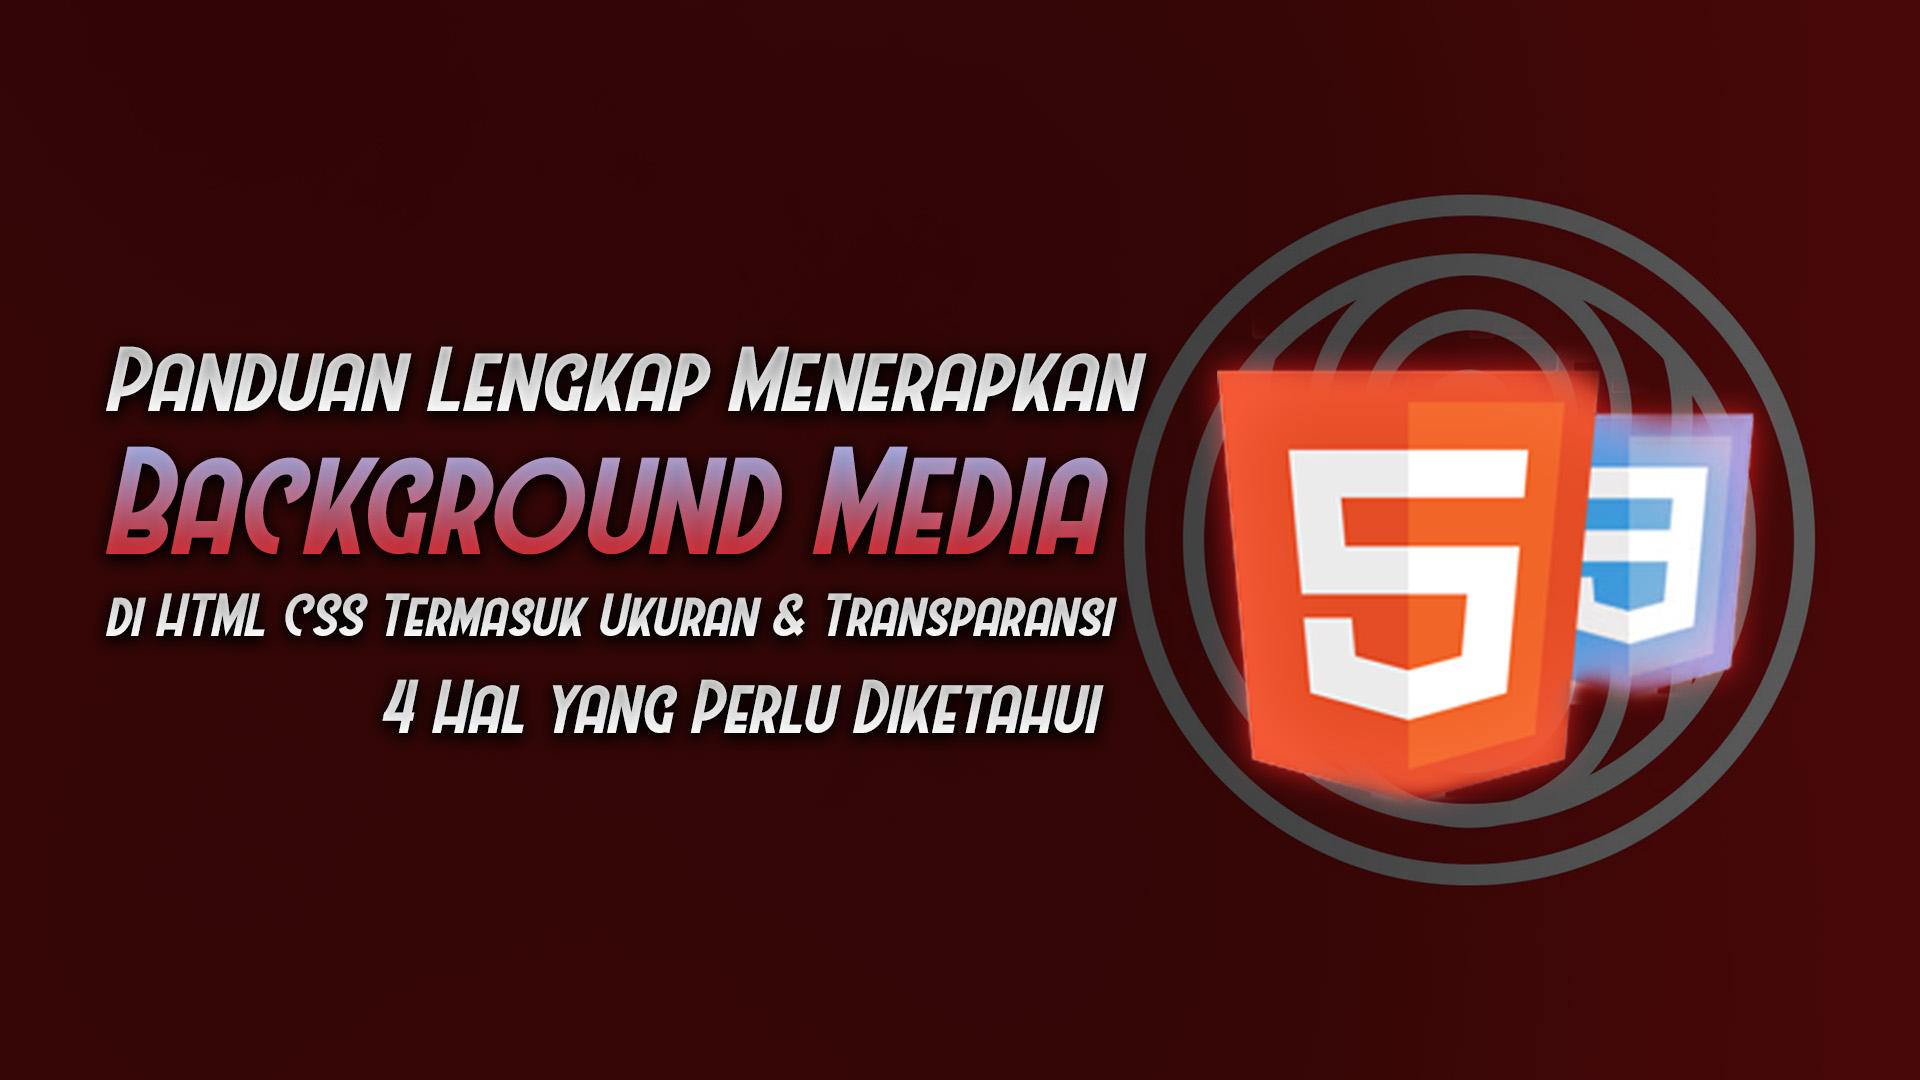 panduan lengkap penerapan background media html css - rio bermano